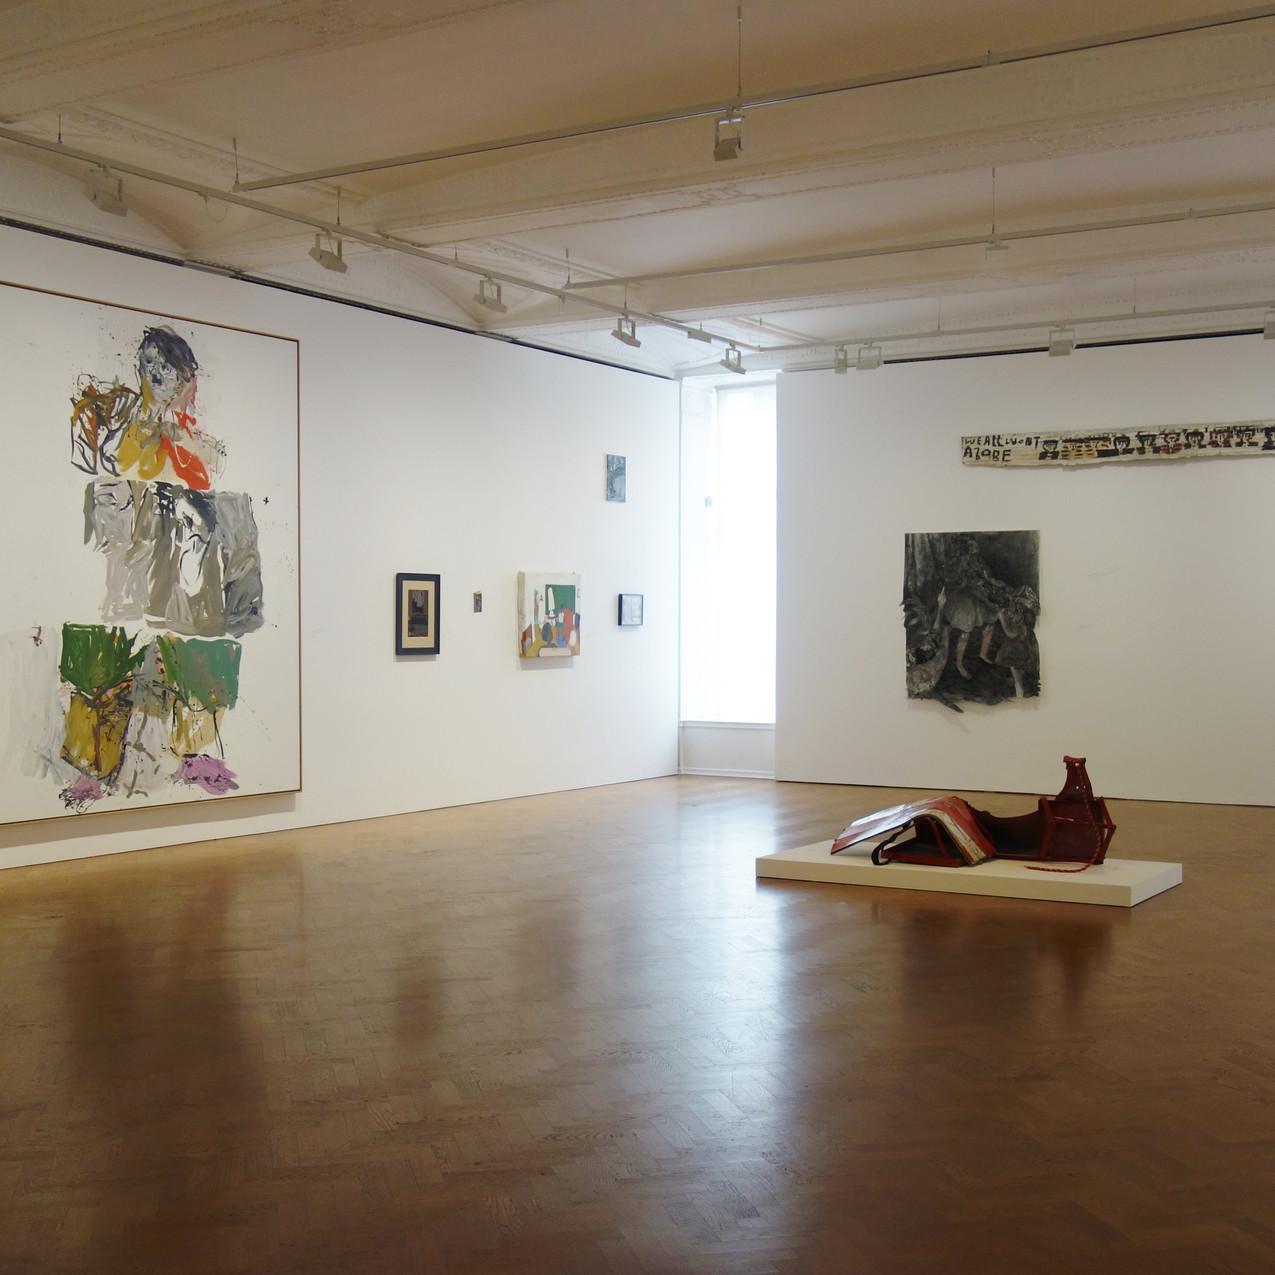 Galerie Thaddaeus Ropac